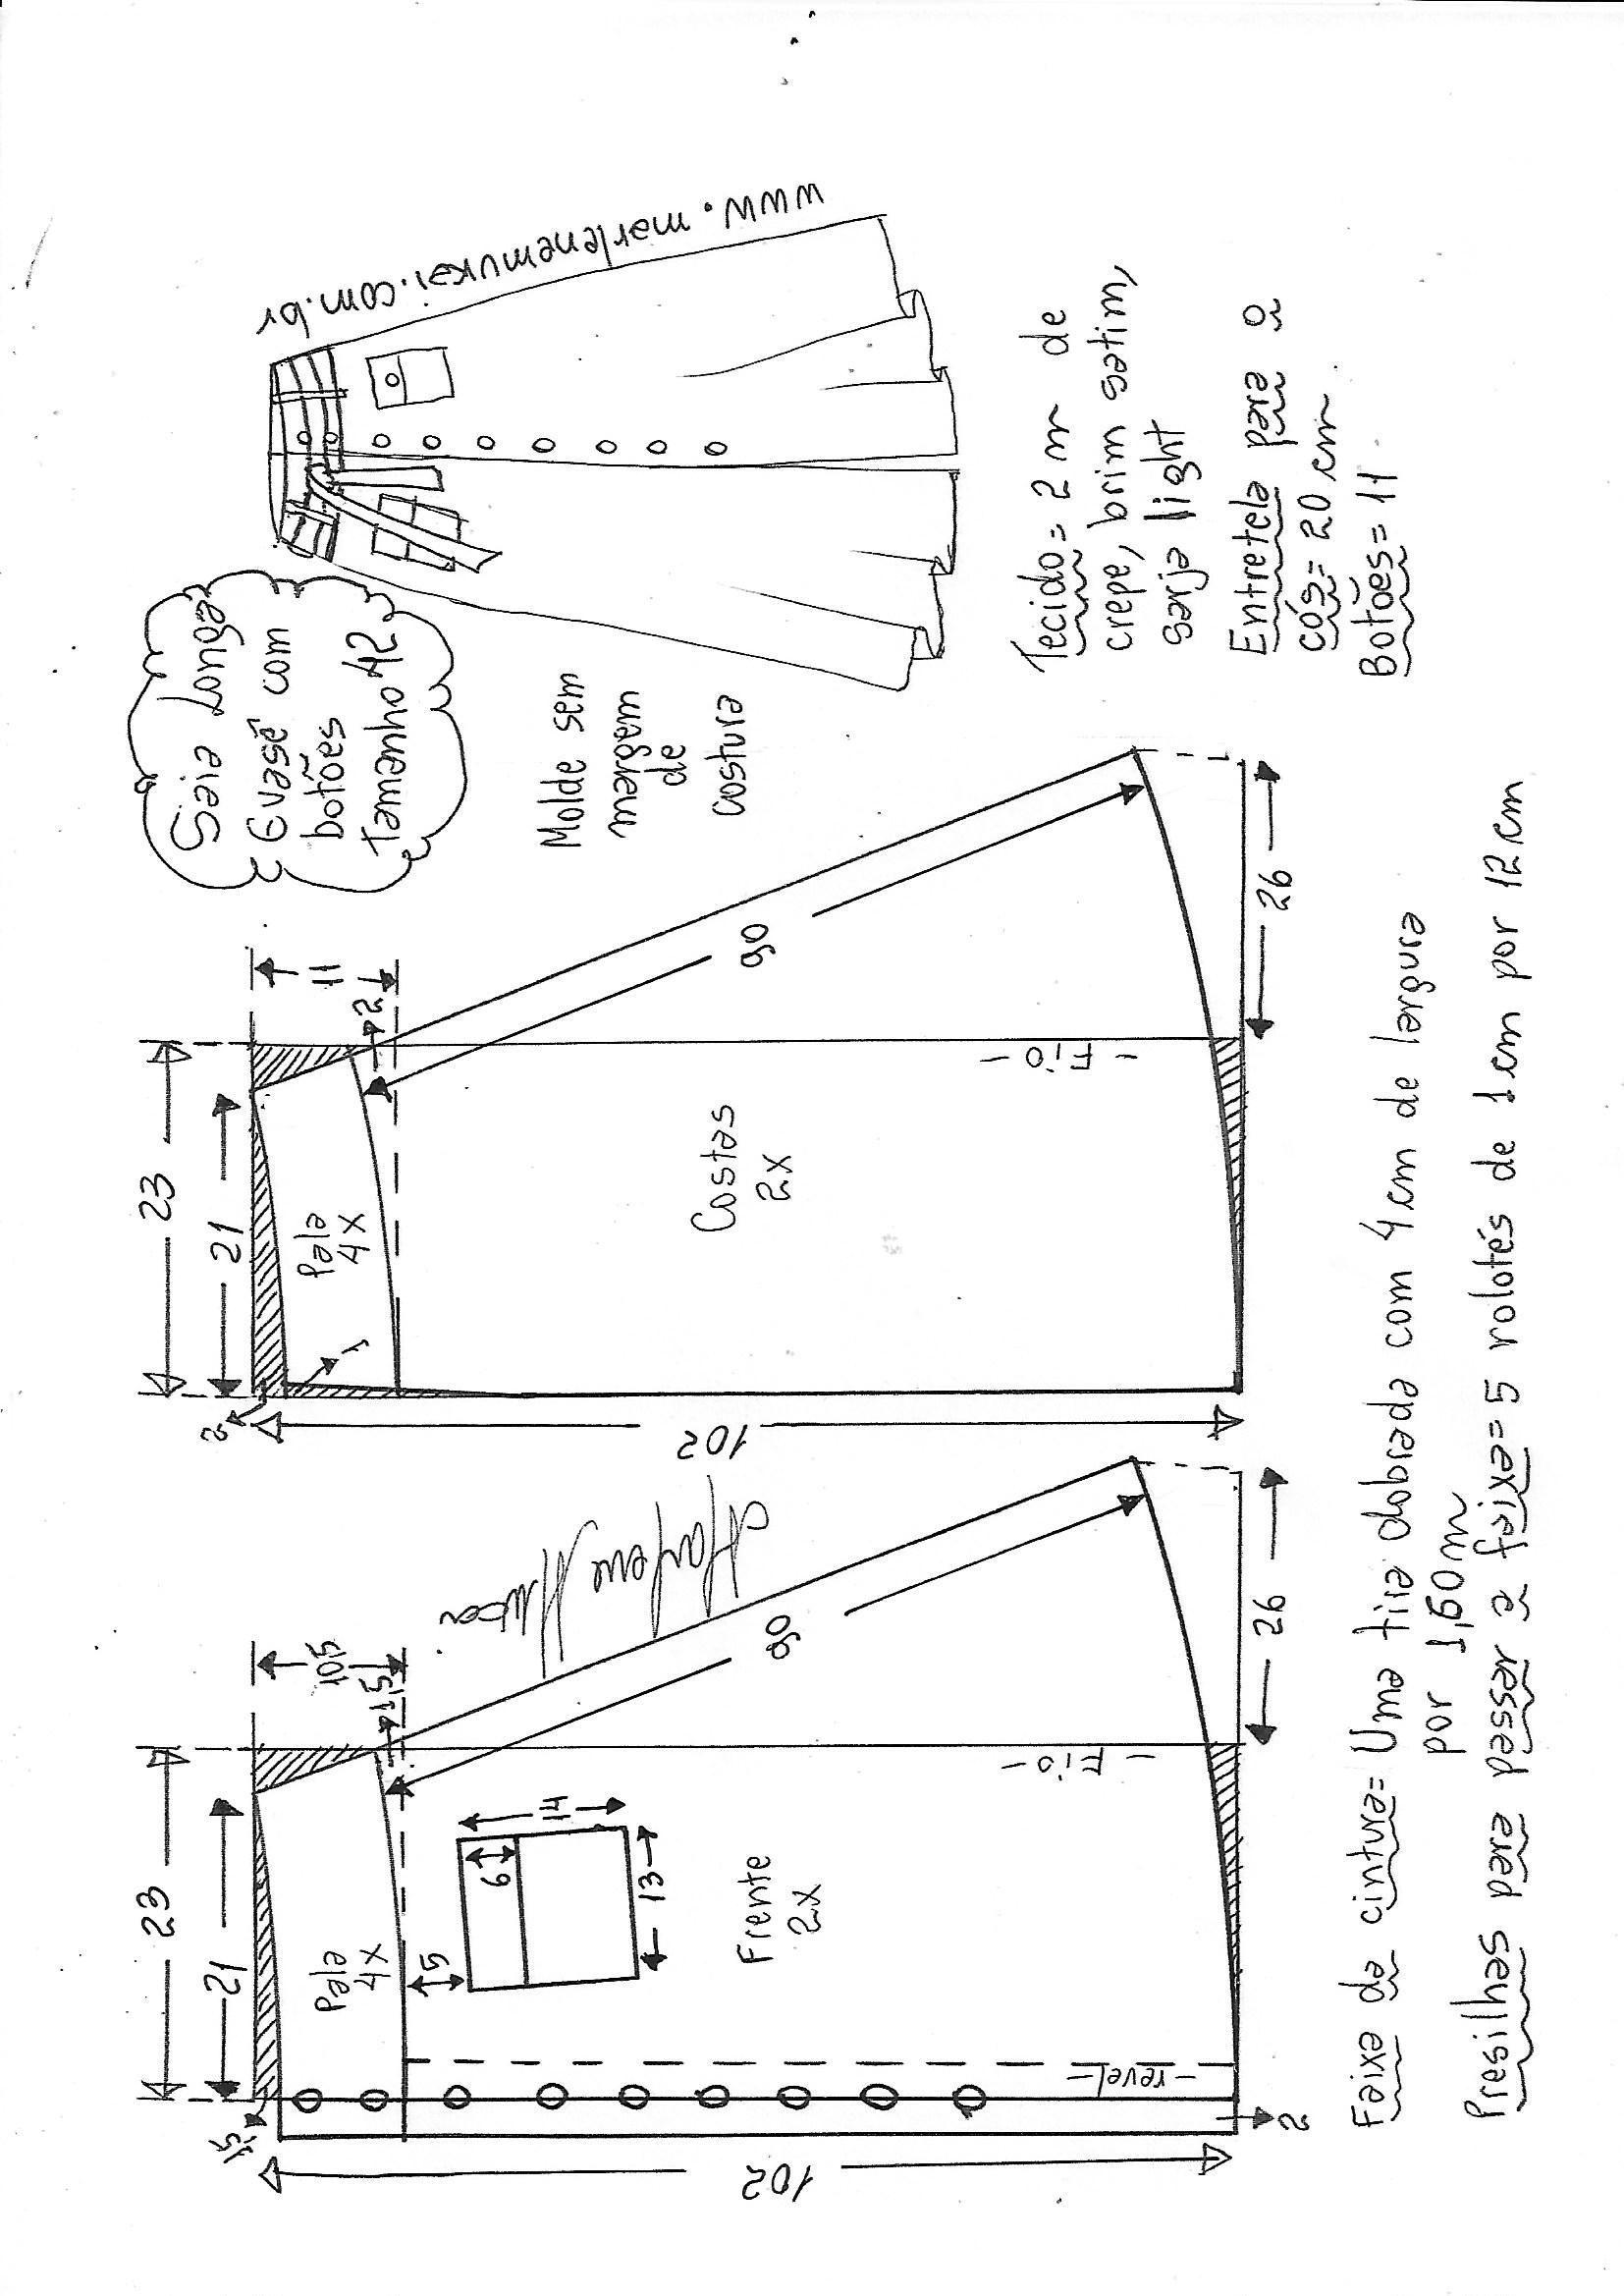 Pin de Mayor en Skirt pattern | Pinterest | Costura, Patrones de ...